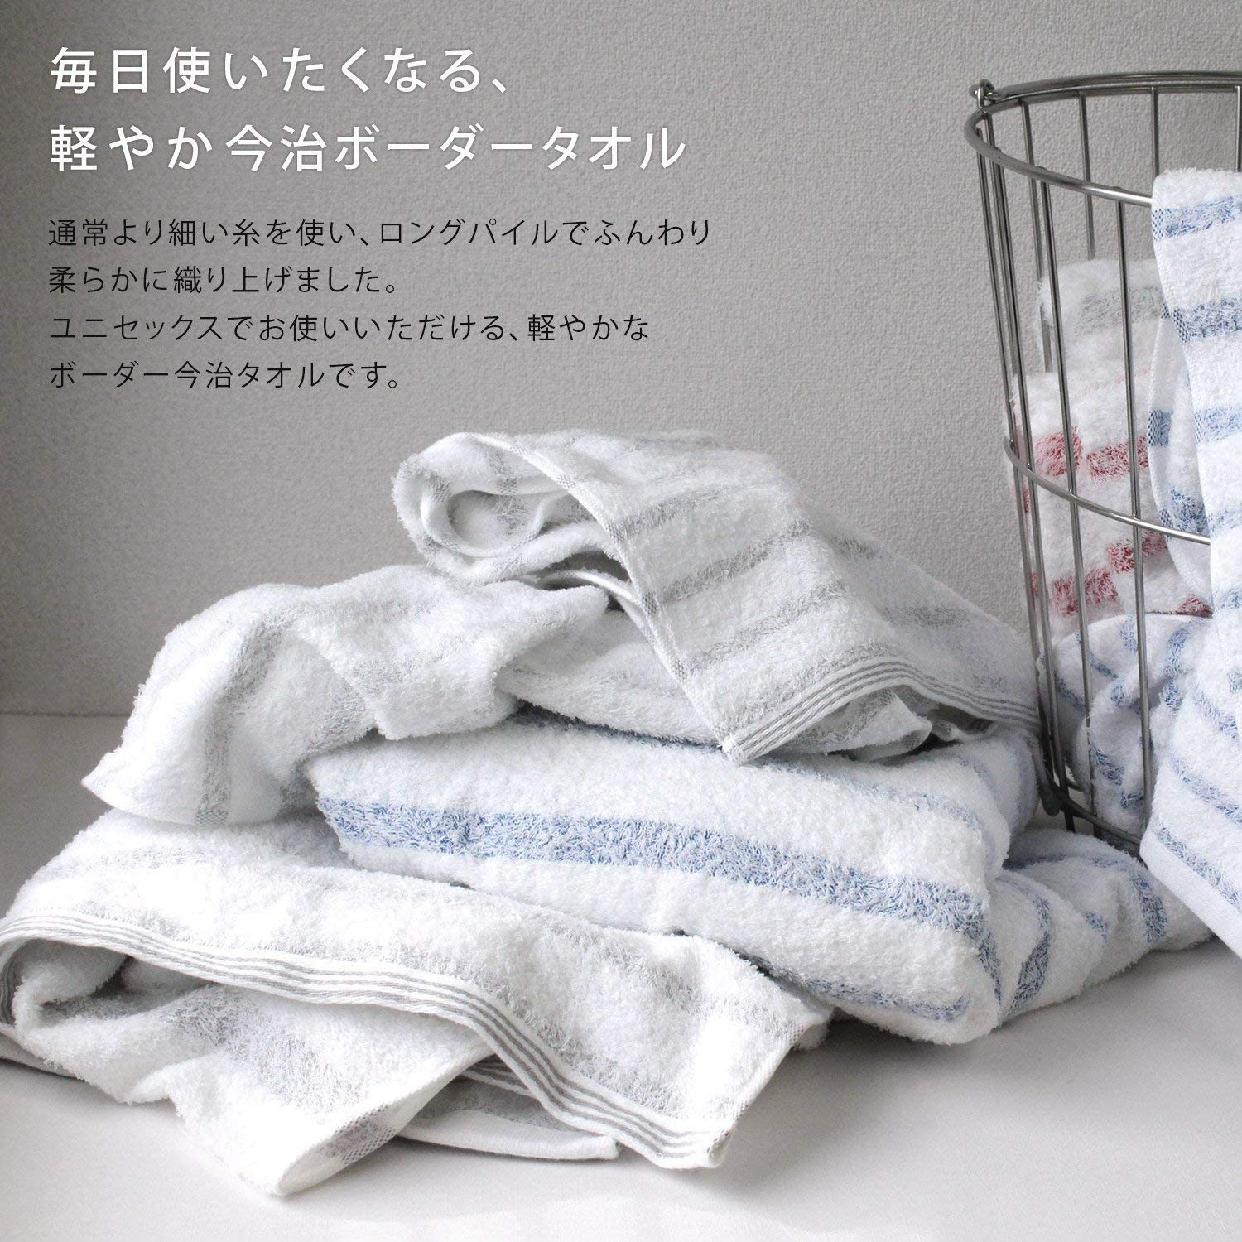 hiorie(ヒオリエ) 今治タオル ボーダーバスタオルの商品画像6